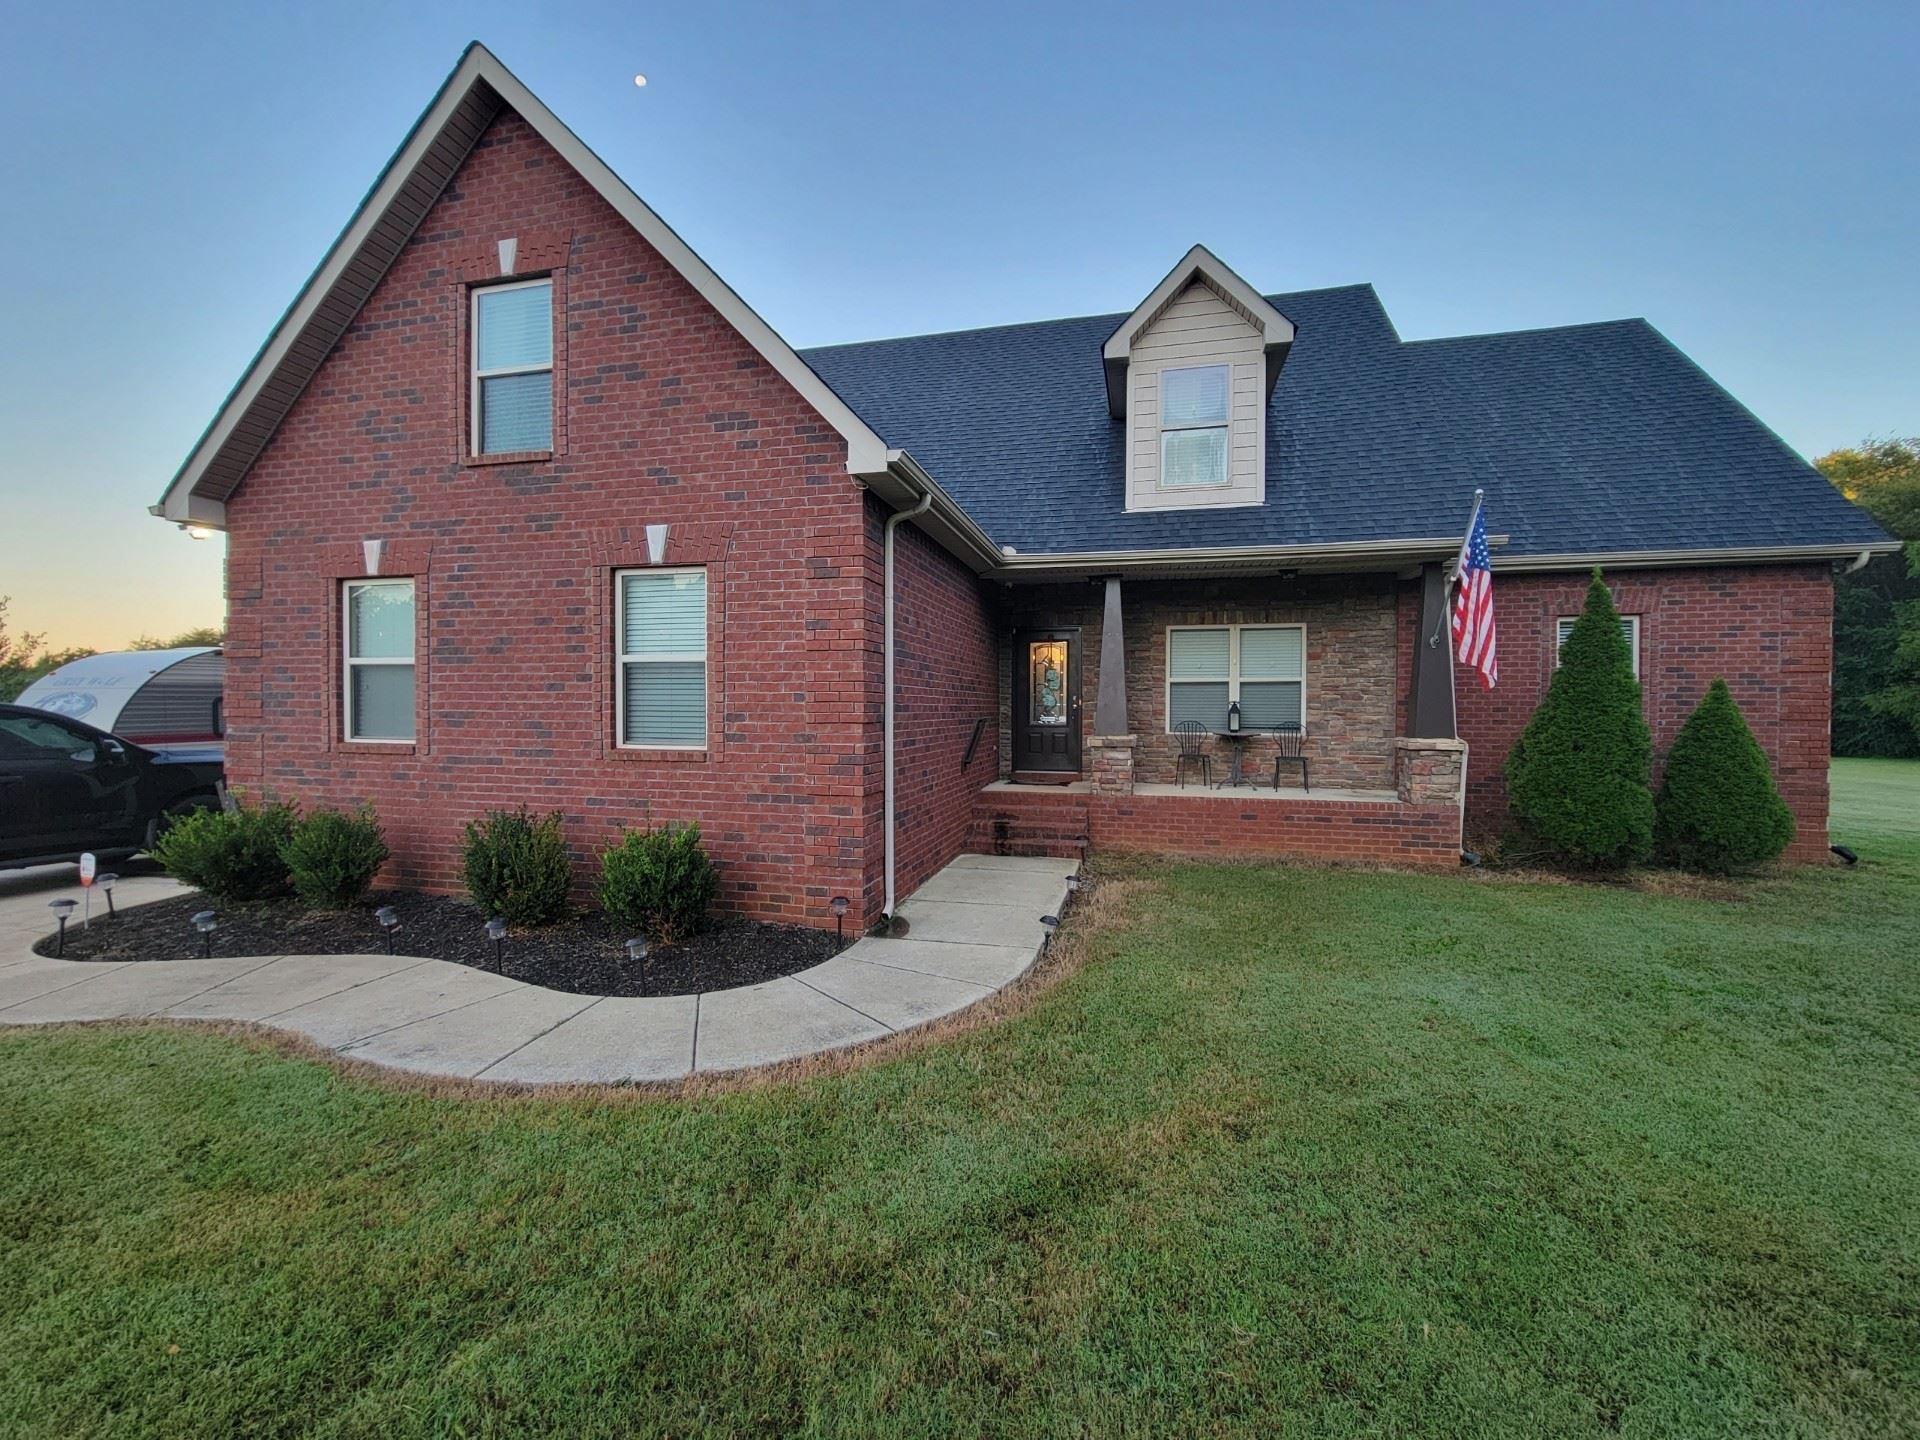 224 Walt Rd, Murfreesboro, TN 37129 - MLS#: 2287166